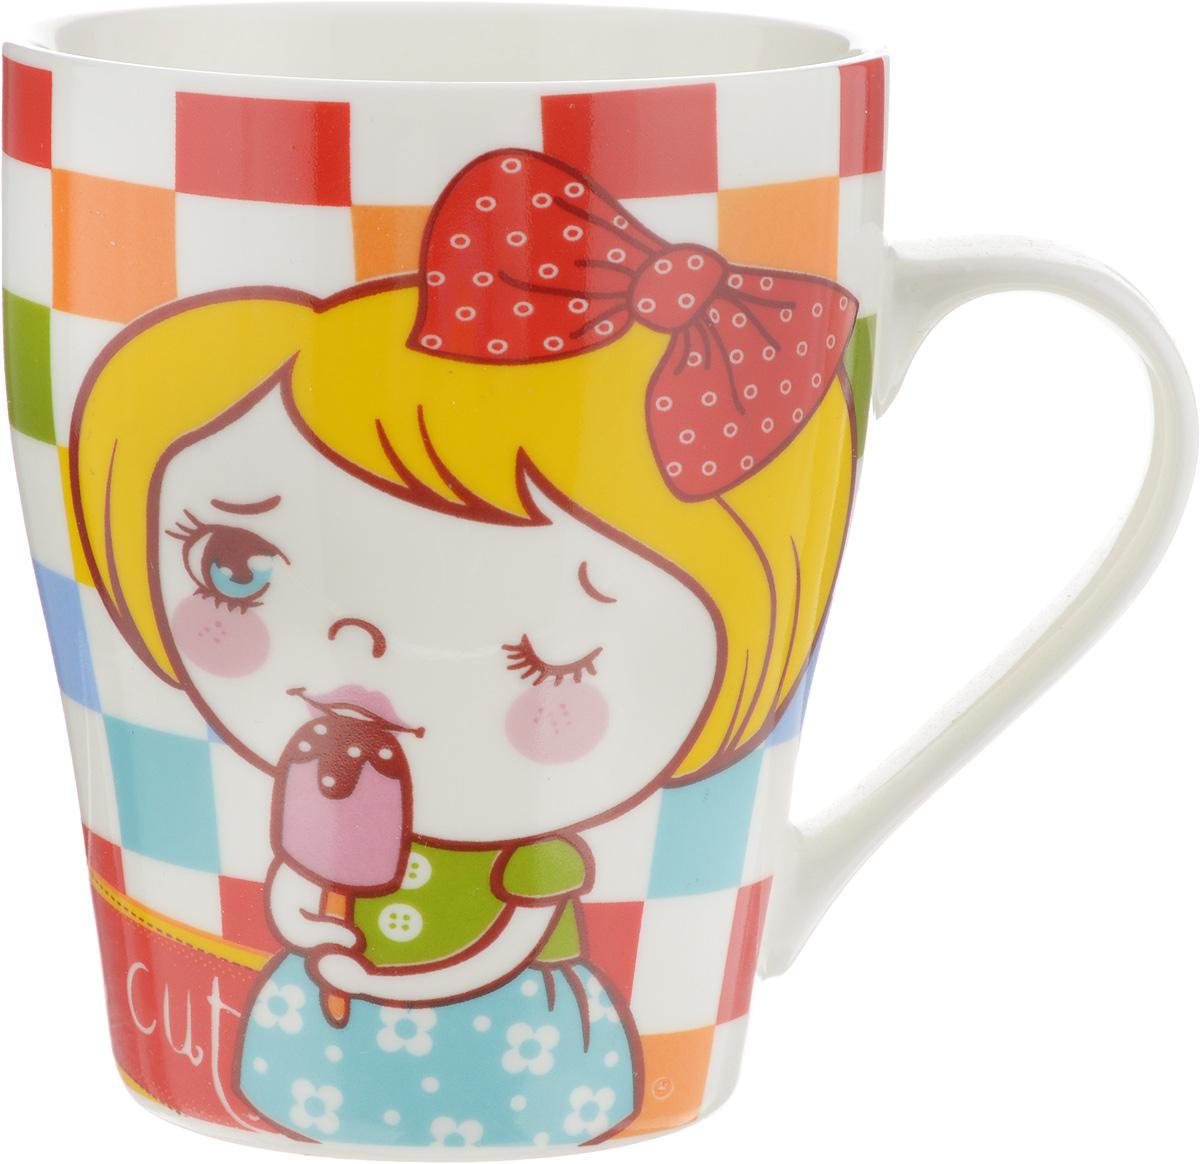 Кружка Loraine Девочка, цвет: белый, желтый, красный, 340 мл115510Кружка Loraine Девочка изготовлена из прочного качественного костяного фарфора. Изделие оформлено изображением милой девочки с мороженным. Благодаря своим термостатическим свойствам, изделие отлично сохраняет температуру содержимого - морозной зимой кружка будет согревать вас горячим чаем, а знойным летом, напротив, радовать прохладными напитками. Такой аксессуар создаст атмосферу тепла и уюта, настроит на позитивный лад и подарит хорошее настроение с самого утра. Это оригинальное изделие идеально подойдет в подарок близкому человеку. Диаметр (по верхнему краю): 8,2 см. Высота кружки: 10 см.